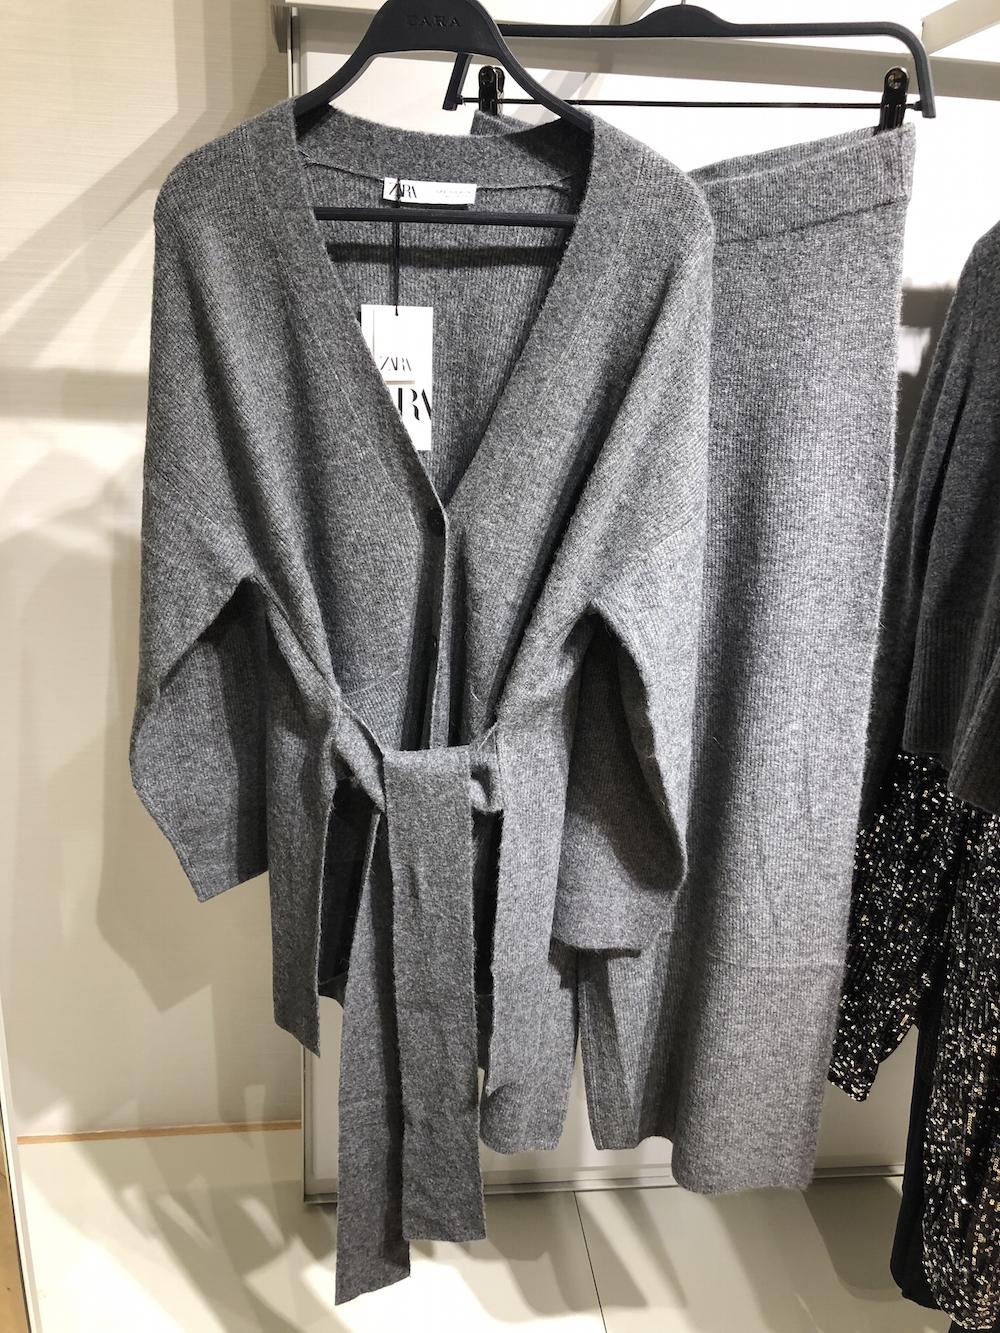 『ZARA』の秋冬はロマンティック&スパイシー☆ 展示会で見つけたバッグやアクセ、シューズに大注目!_8